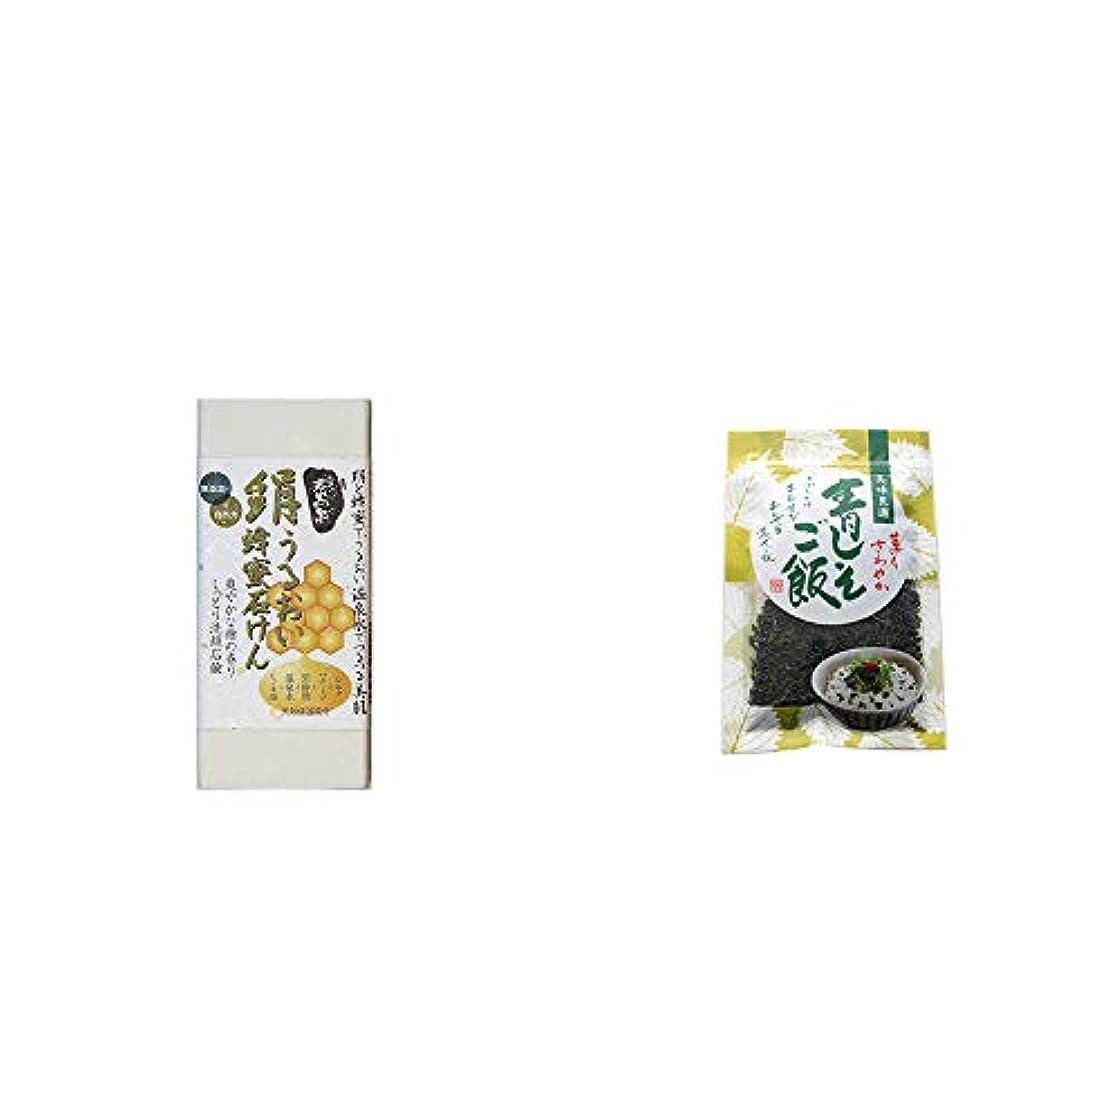 アジア人わかりやすい復活させる[2点セット] ひのき炭黒泉 絹うるおい蜂蜜石けん(75g×2)?薫りさわやか 青しそご飯(80g)